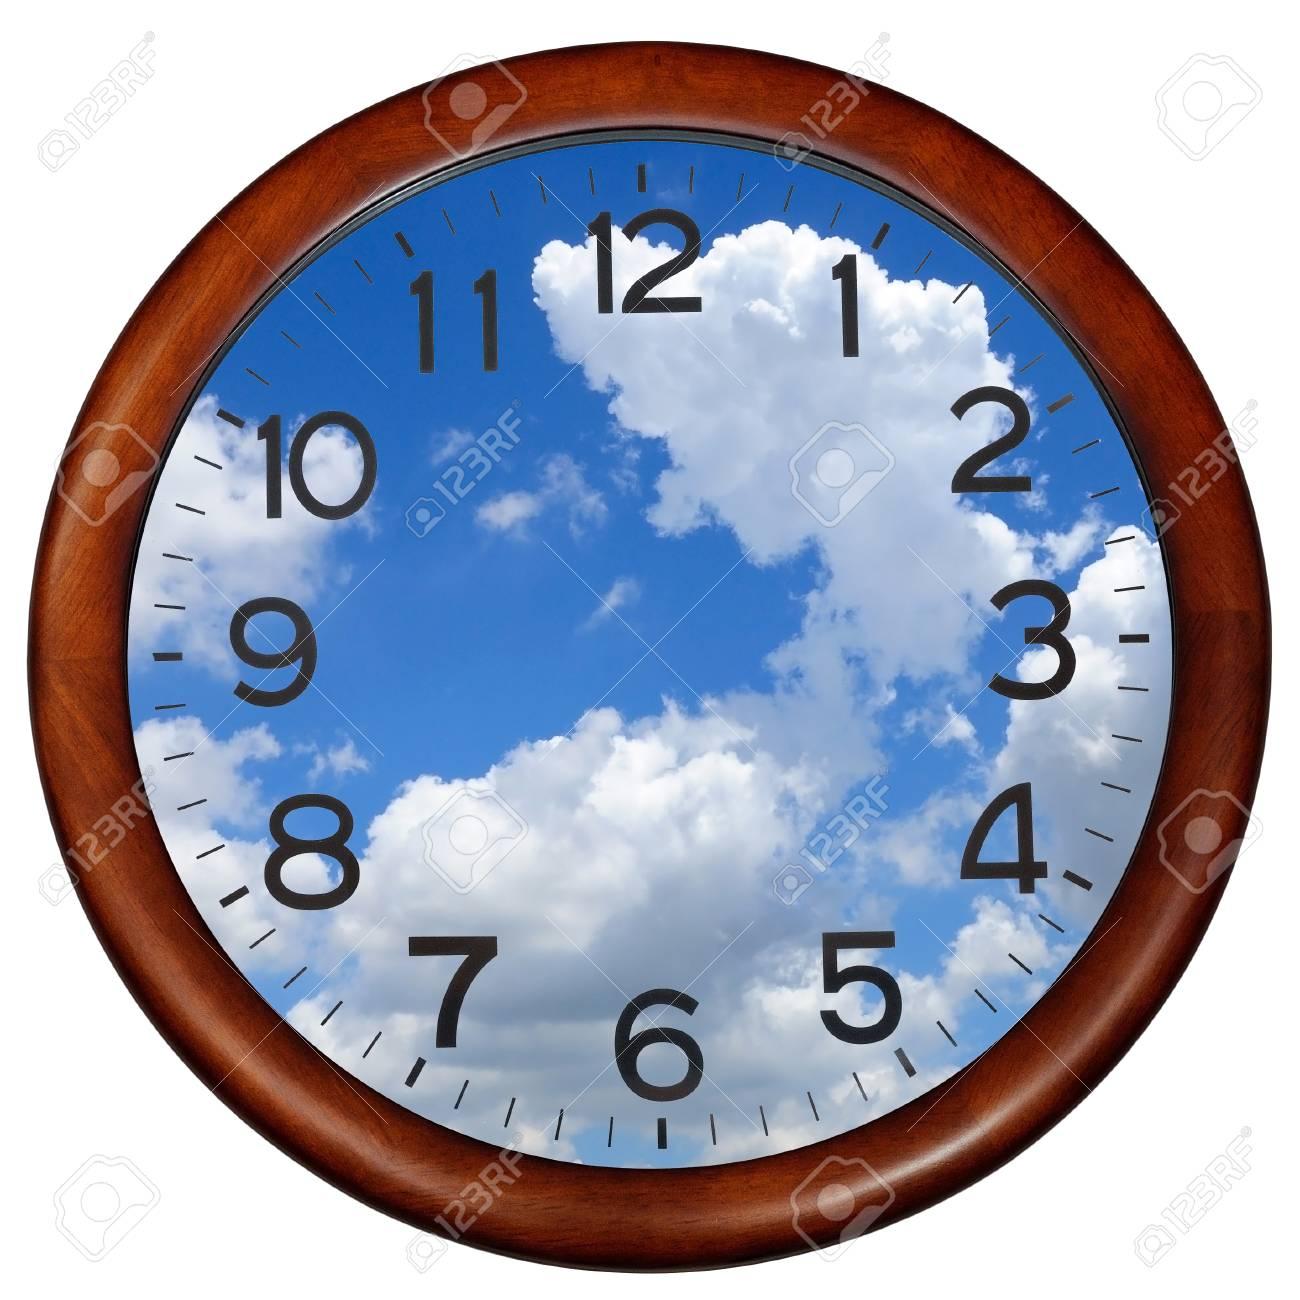 Círculo Reloj Marco De Madera. Fotos, Retratos, Imágenes Y ...